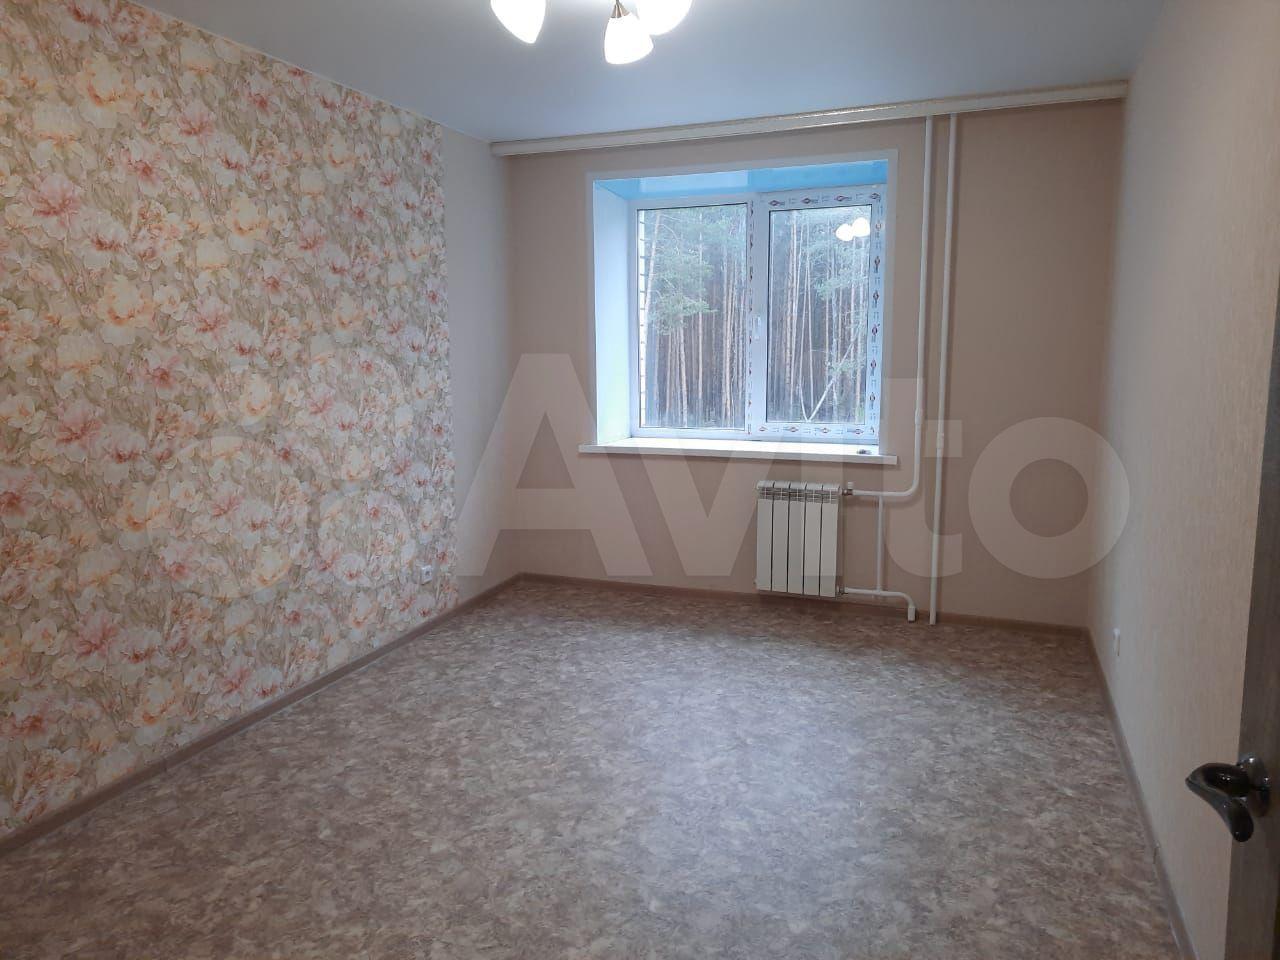 2-к квартира, 56 м², 3/5 эт.  89276808480 купить 2